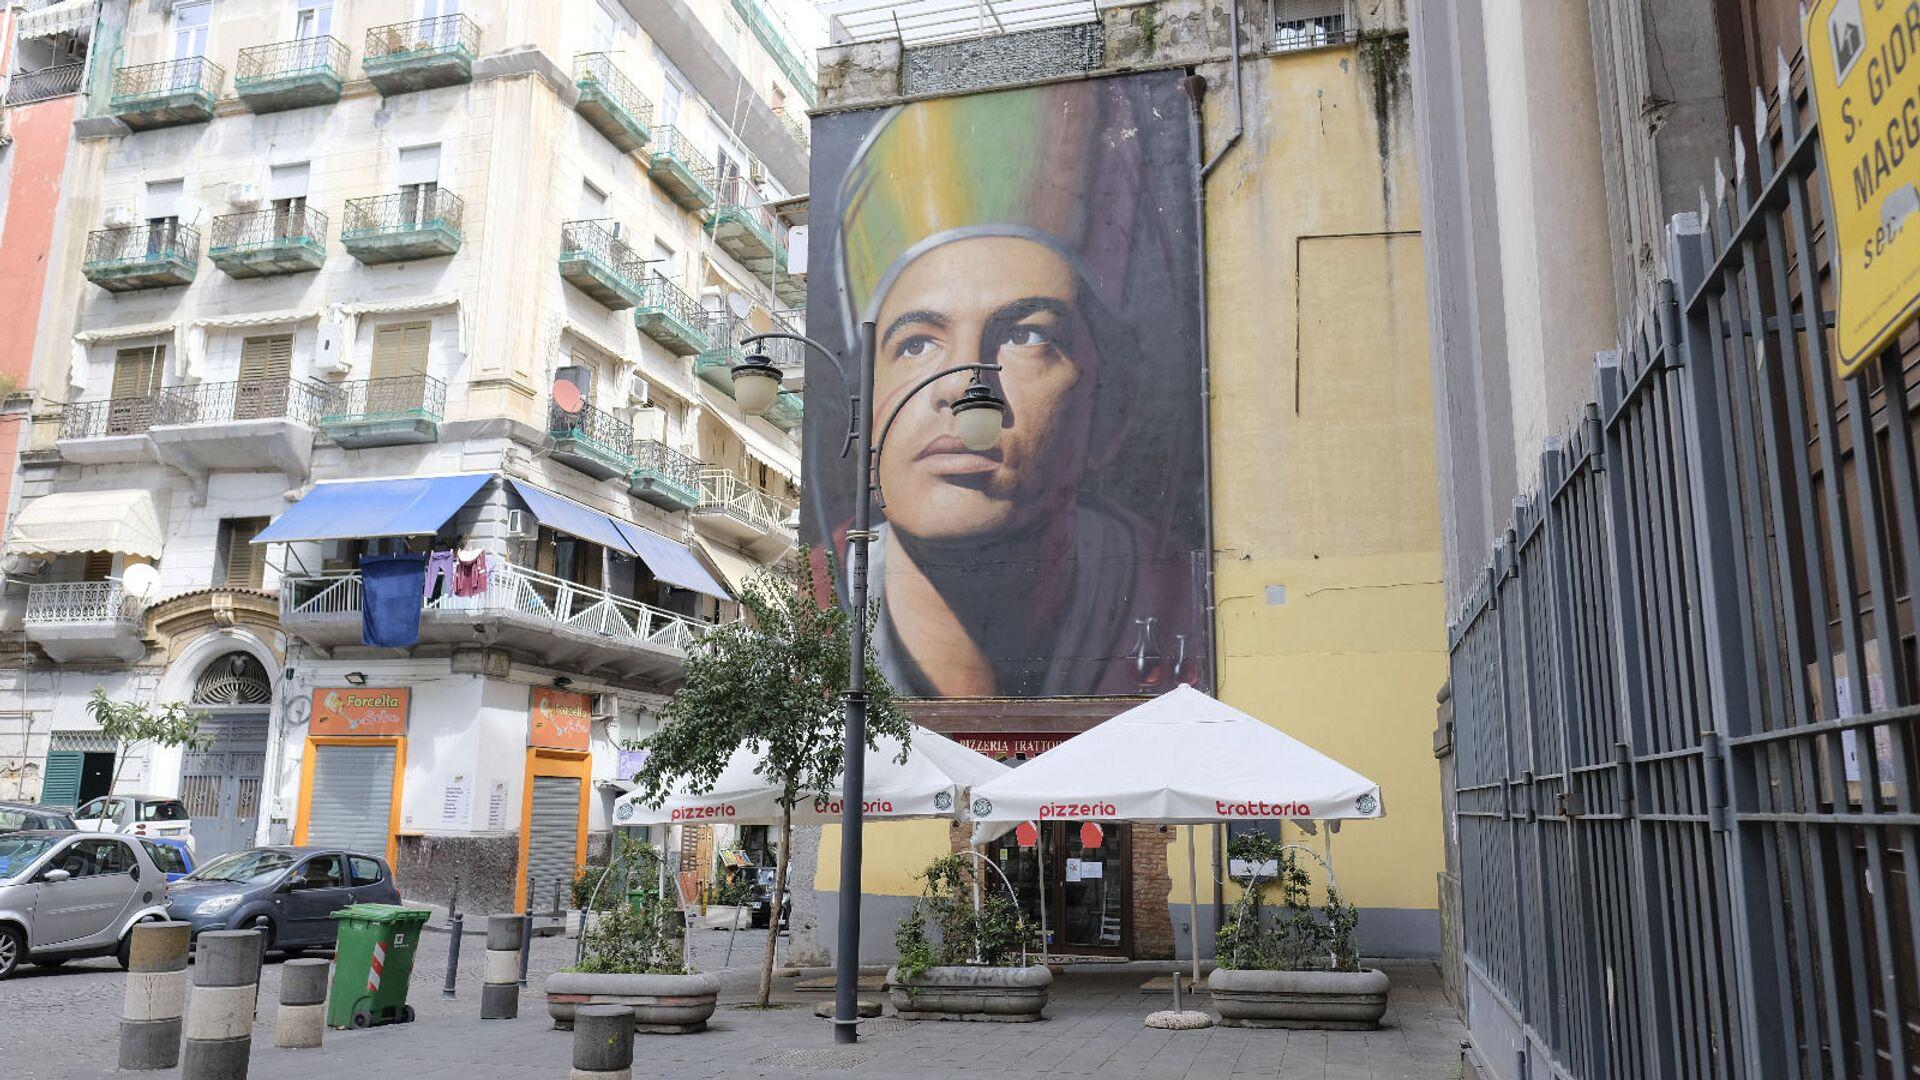 Murales di San Gennaro a Piazza Crocelle ai Mannesi a Forcella, Napoli - Sputnik Italia, 1920, 10.07.2021